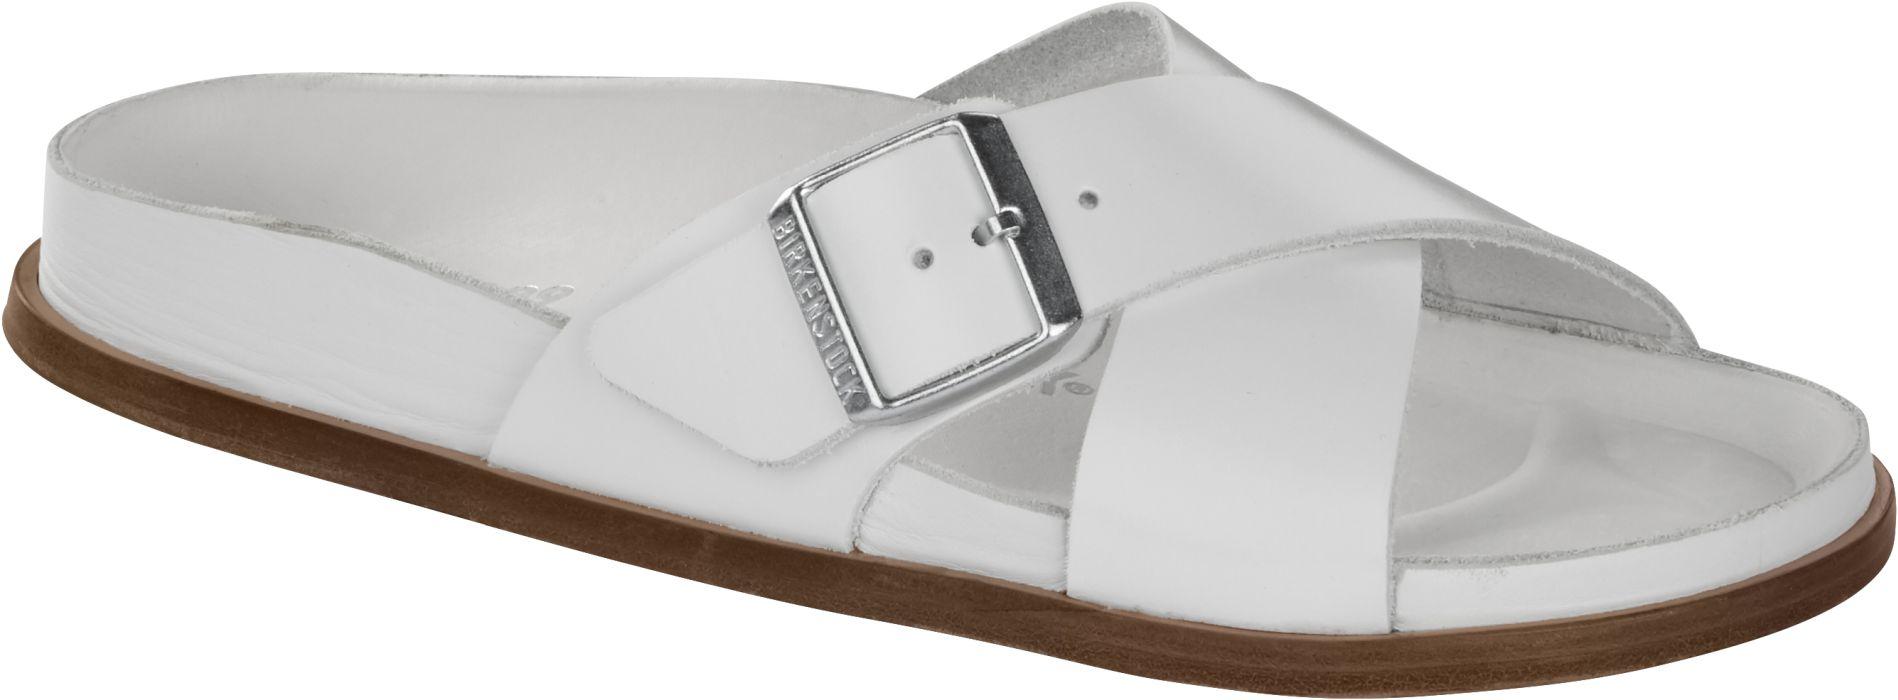 858031868b0965 Vorschau  Birkenstock Siena Premium White ...